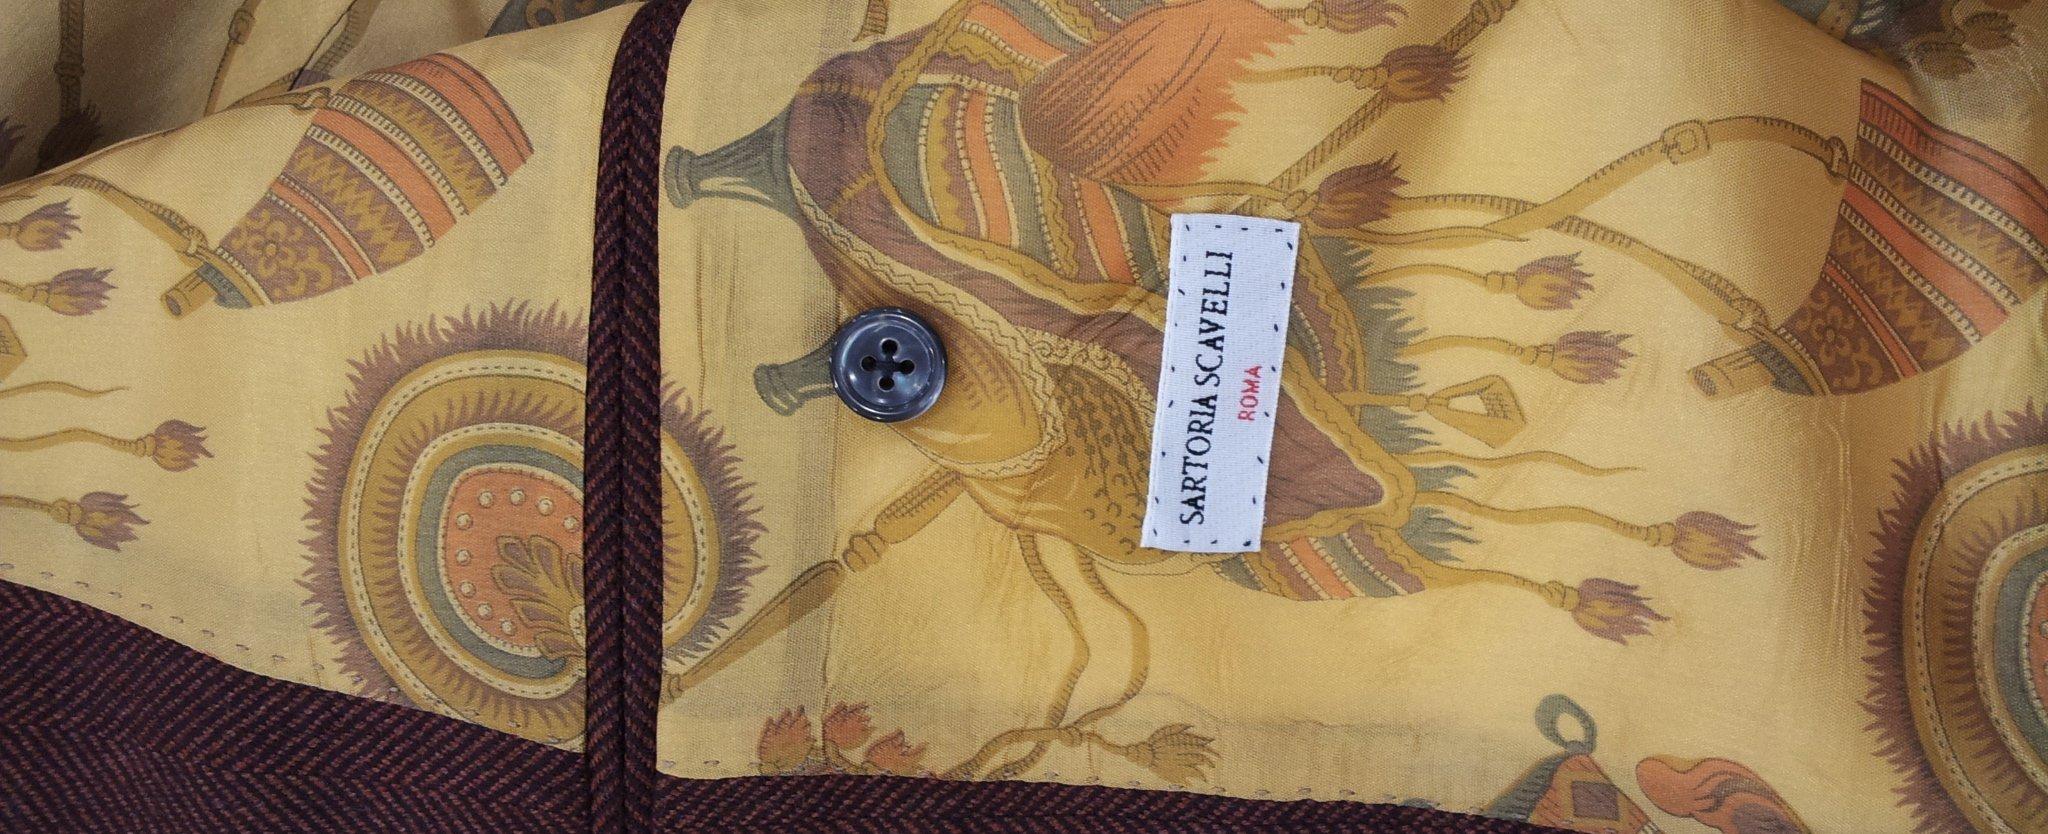 Giacca su misura in lana/cashmere ~ Sartoria Scavelli Roma